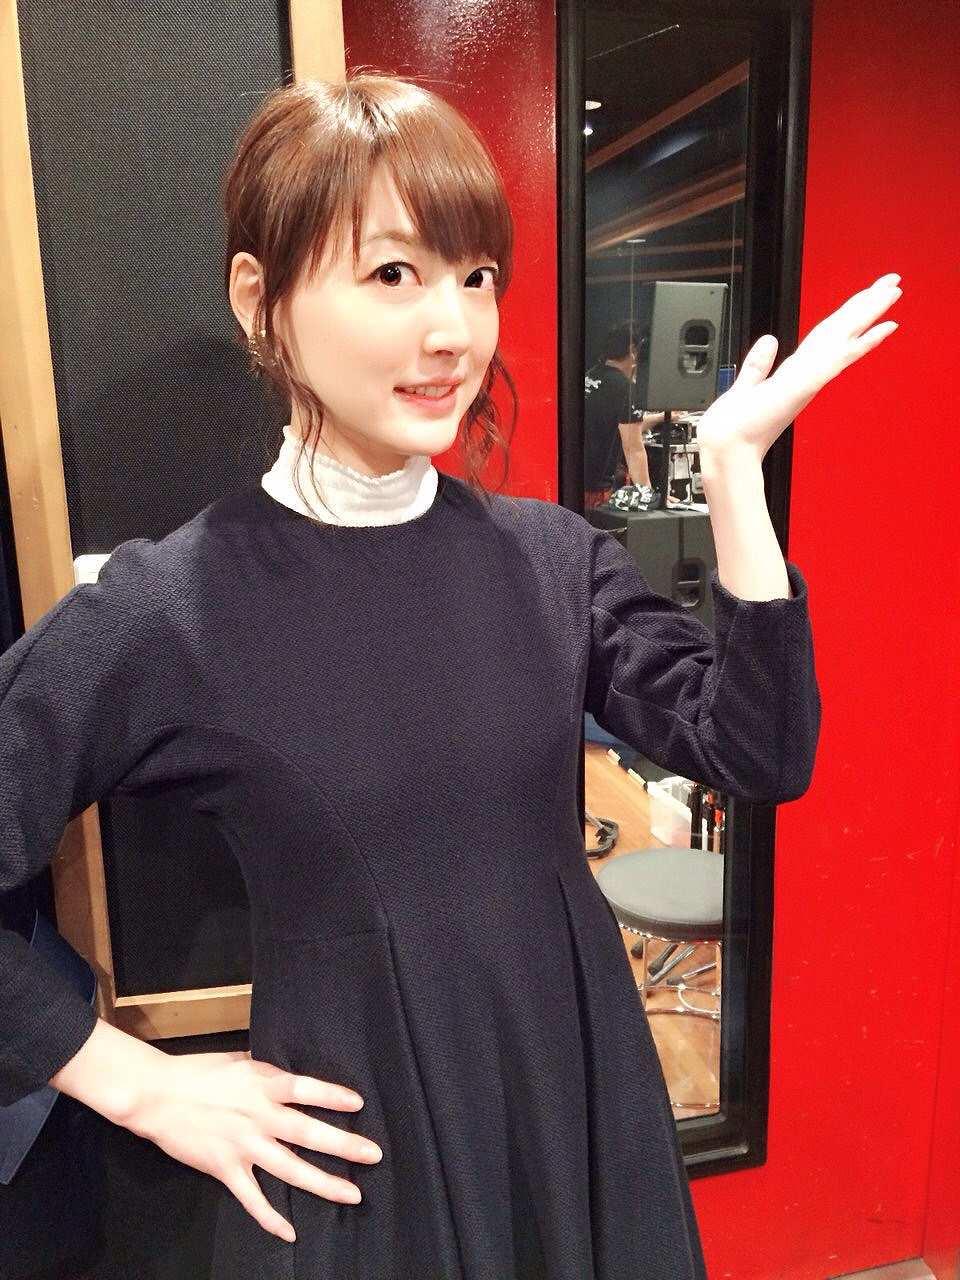 薄い生地の服を着ておっぱいと乳首が透けて見えてる花澤香菜